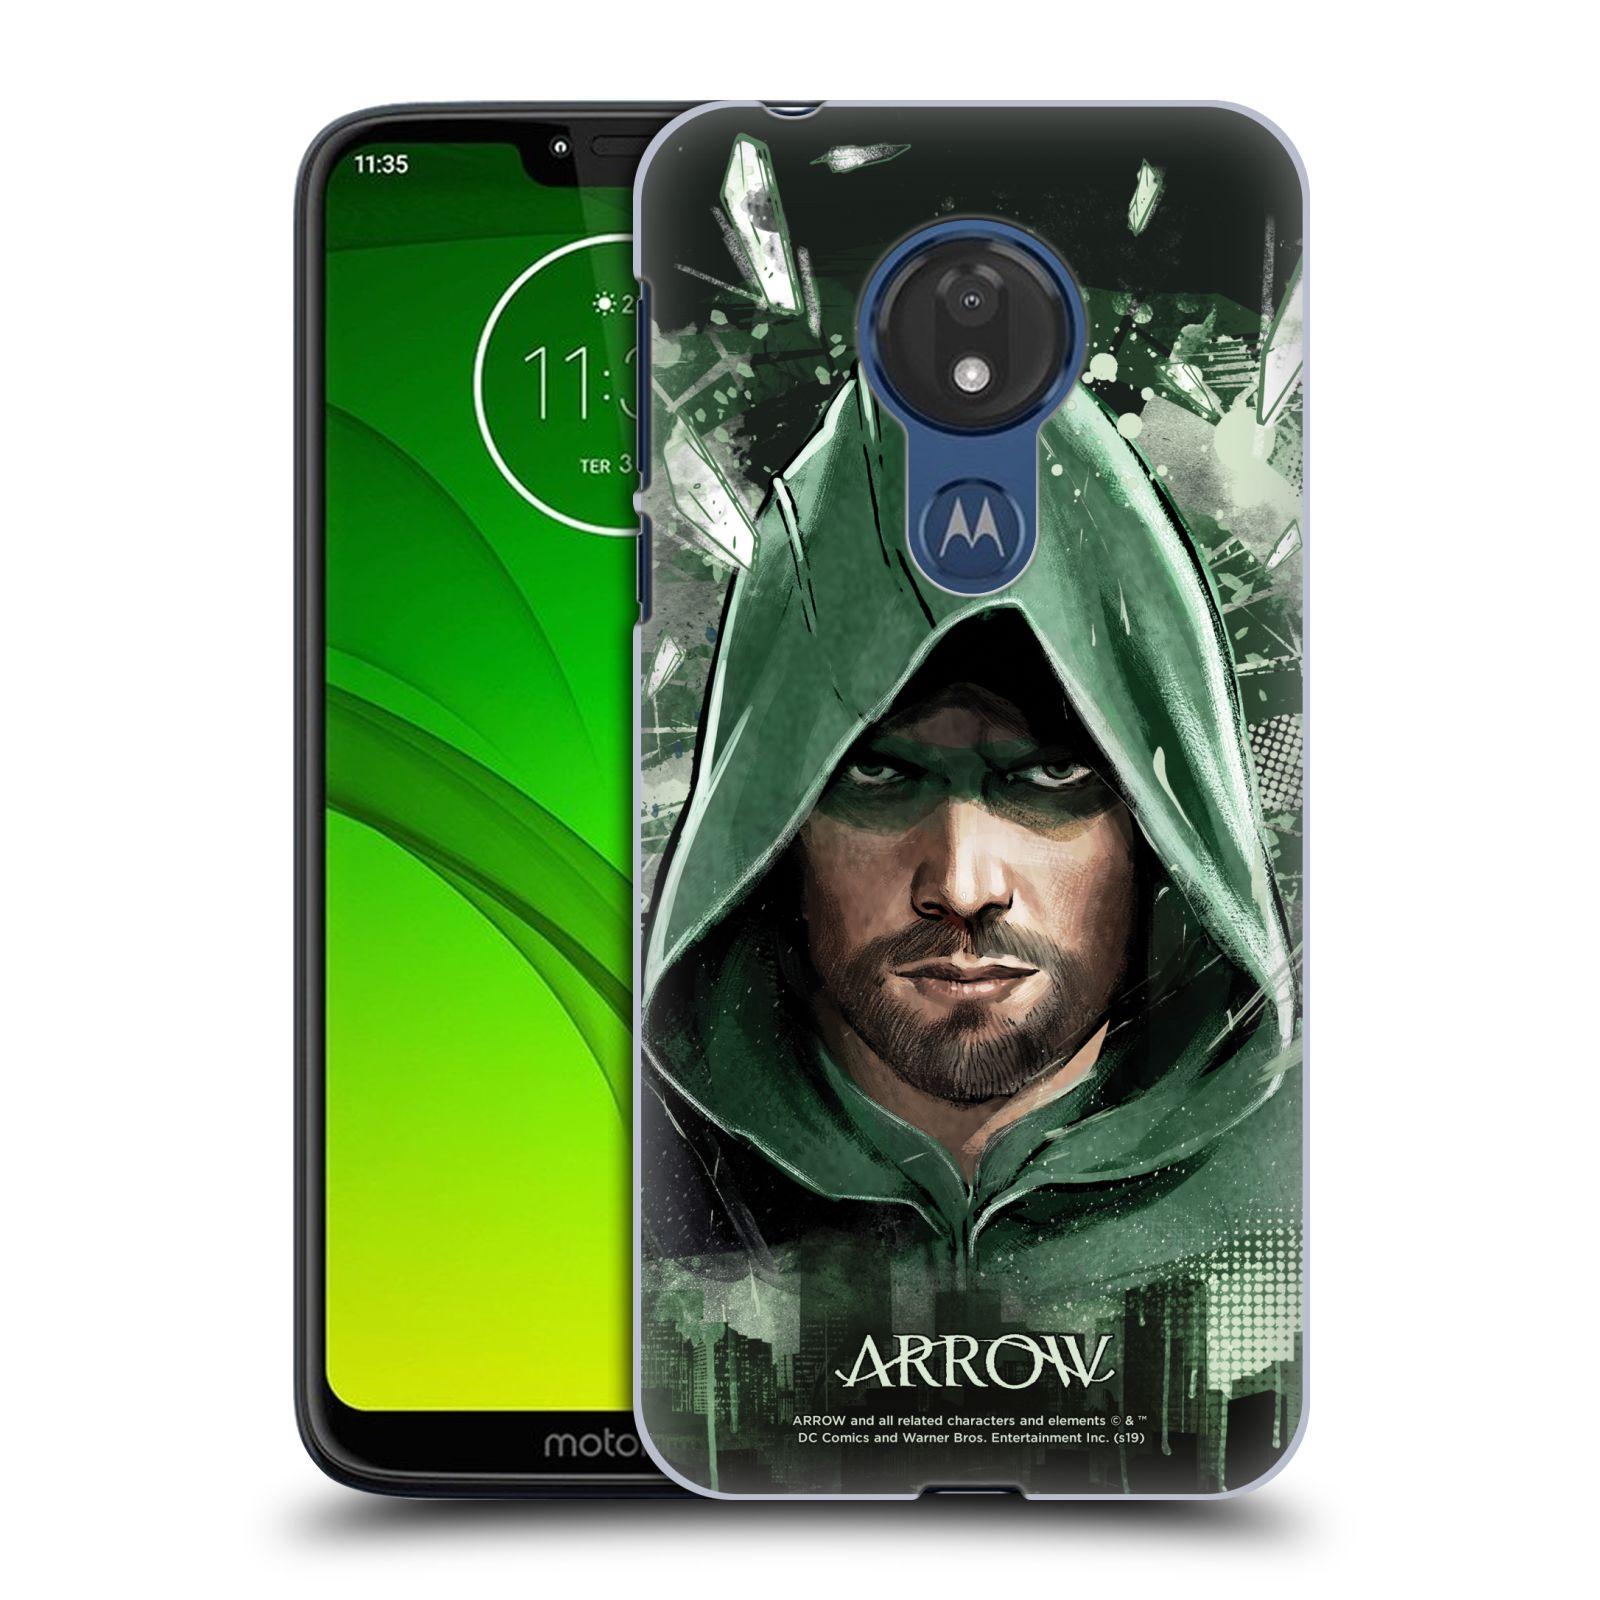 Pouzdro na mobil Motorola Moto G7 POWER - HEAD CASE - Seriál Arrow - kreslený motiv